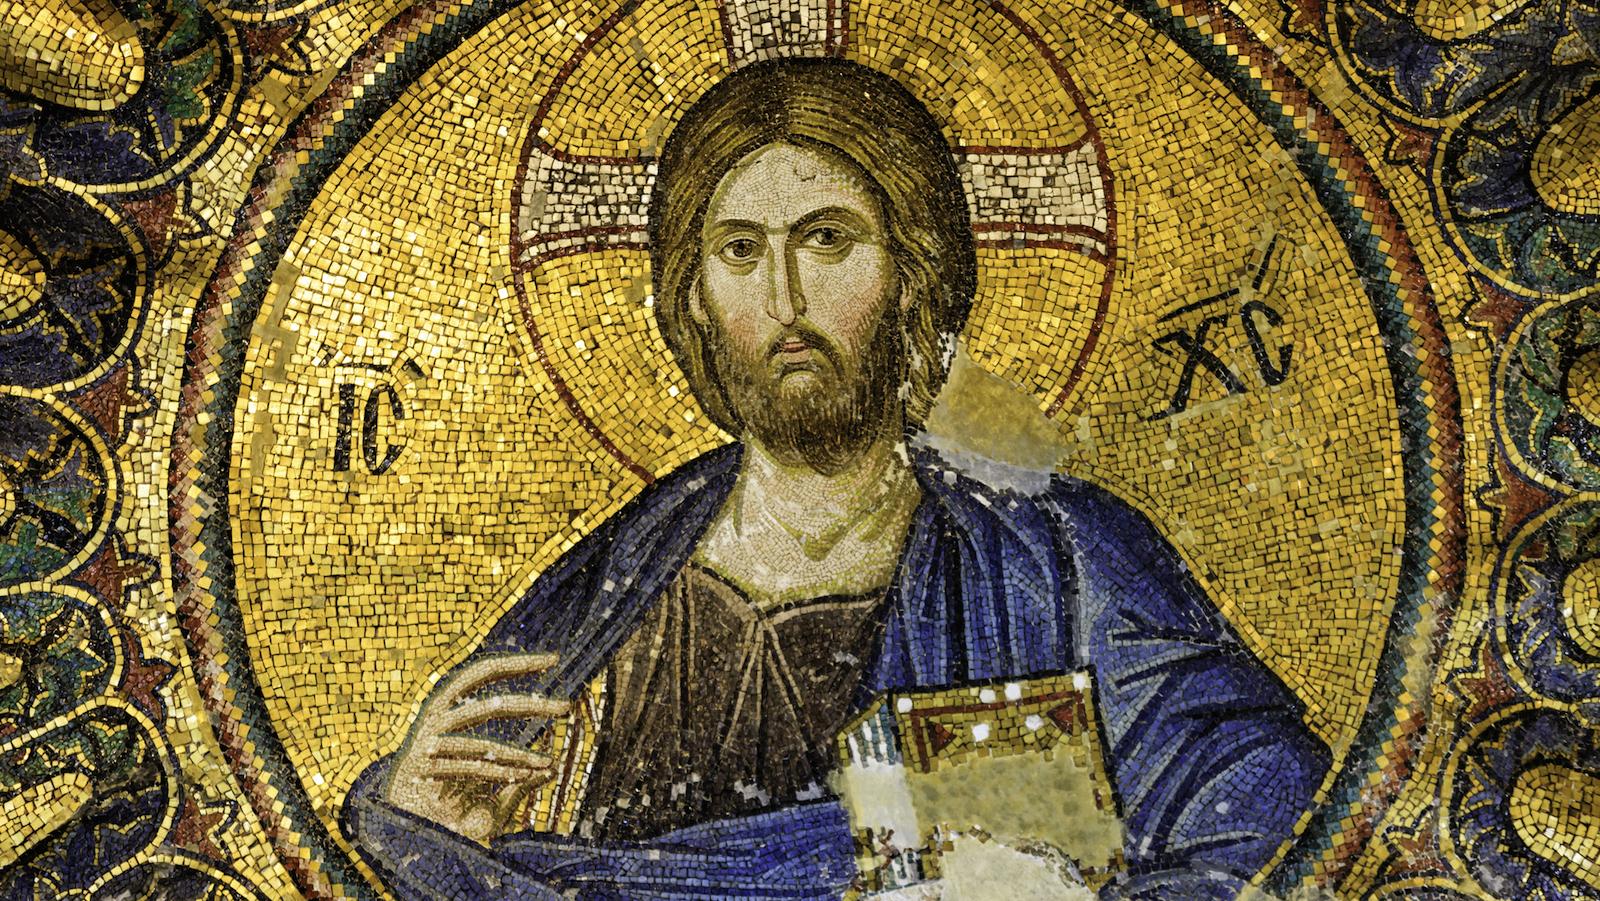 """""""Ο Χριστός ήταν Έλληνας και όχι Εβραίος"""" - Σάλος με νέο ντοκιμαντέρ για τη Βίβλο"""